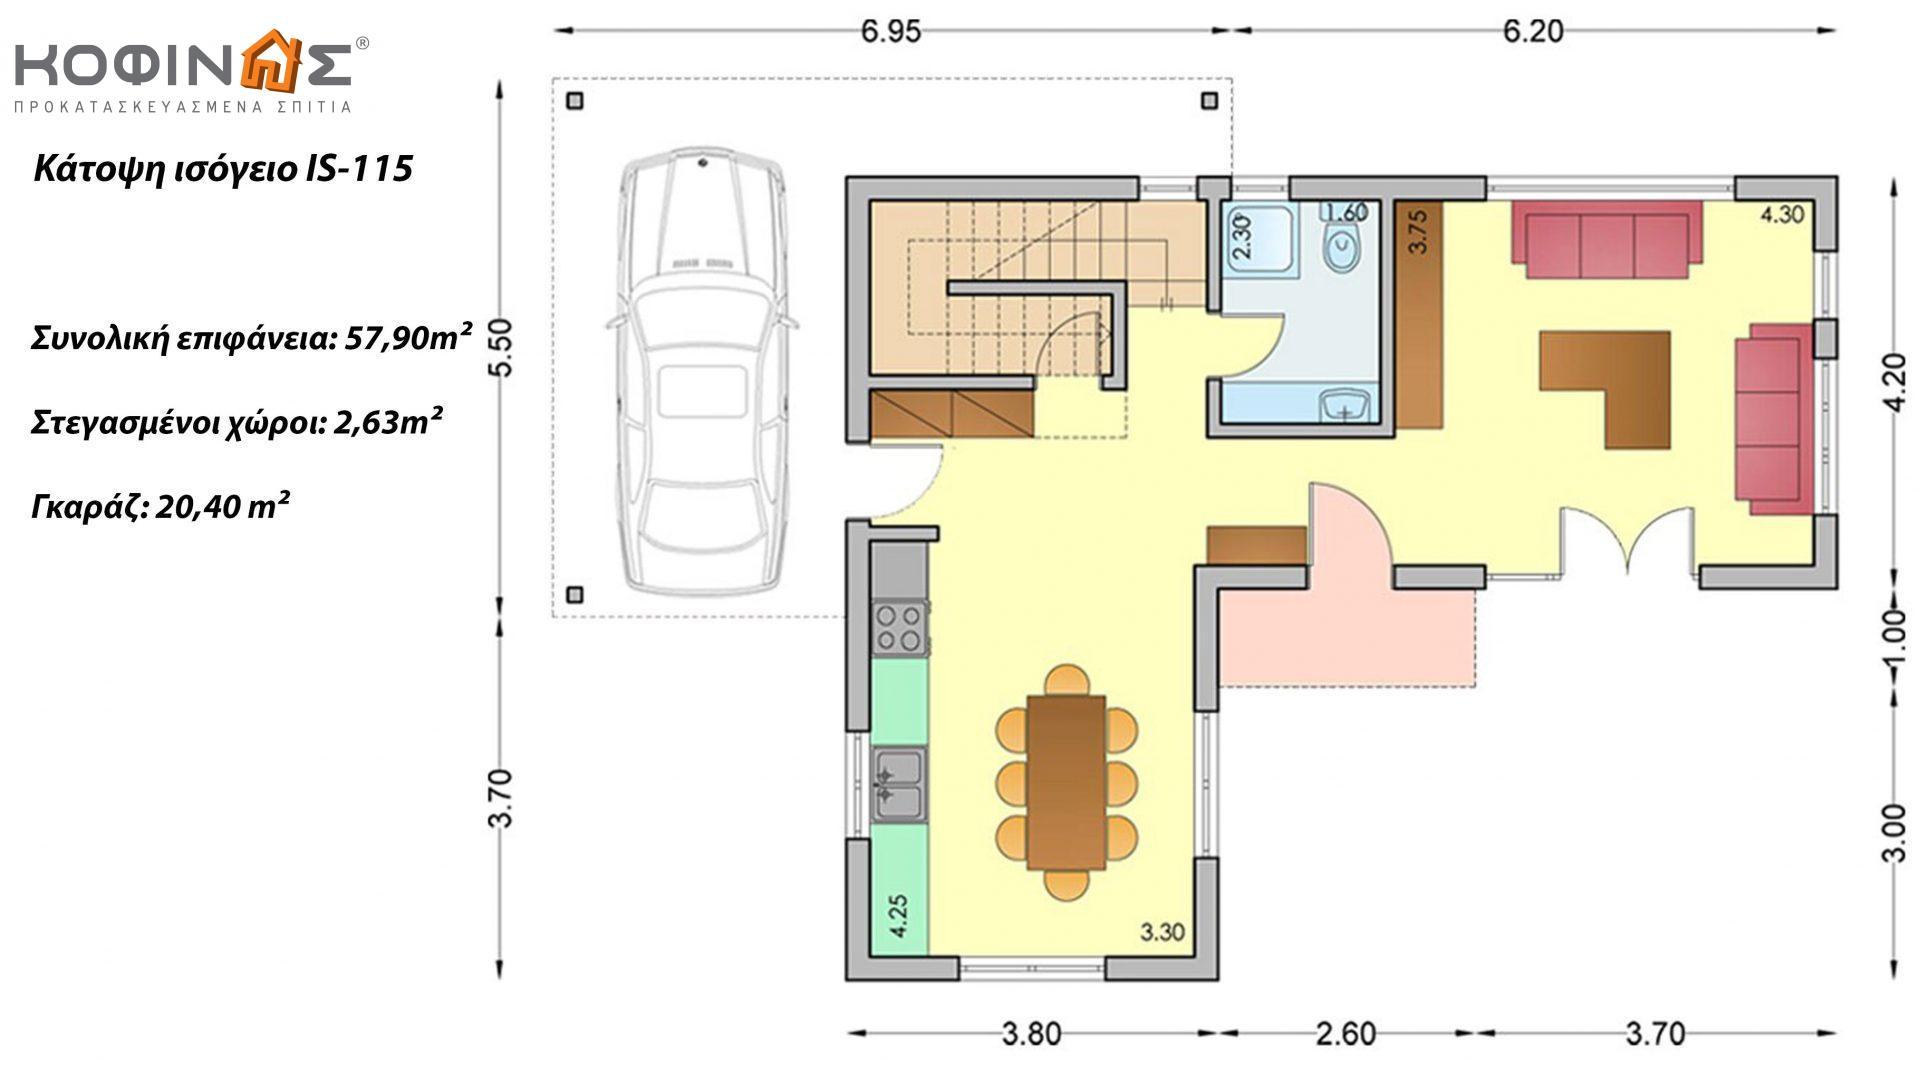 Ισόγεια Κατοικία με Σοφίτα IS-115, συνολικής επιφάνειας 115,80 τ.μ.